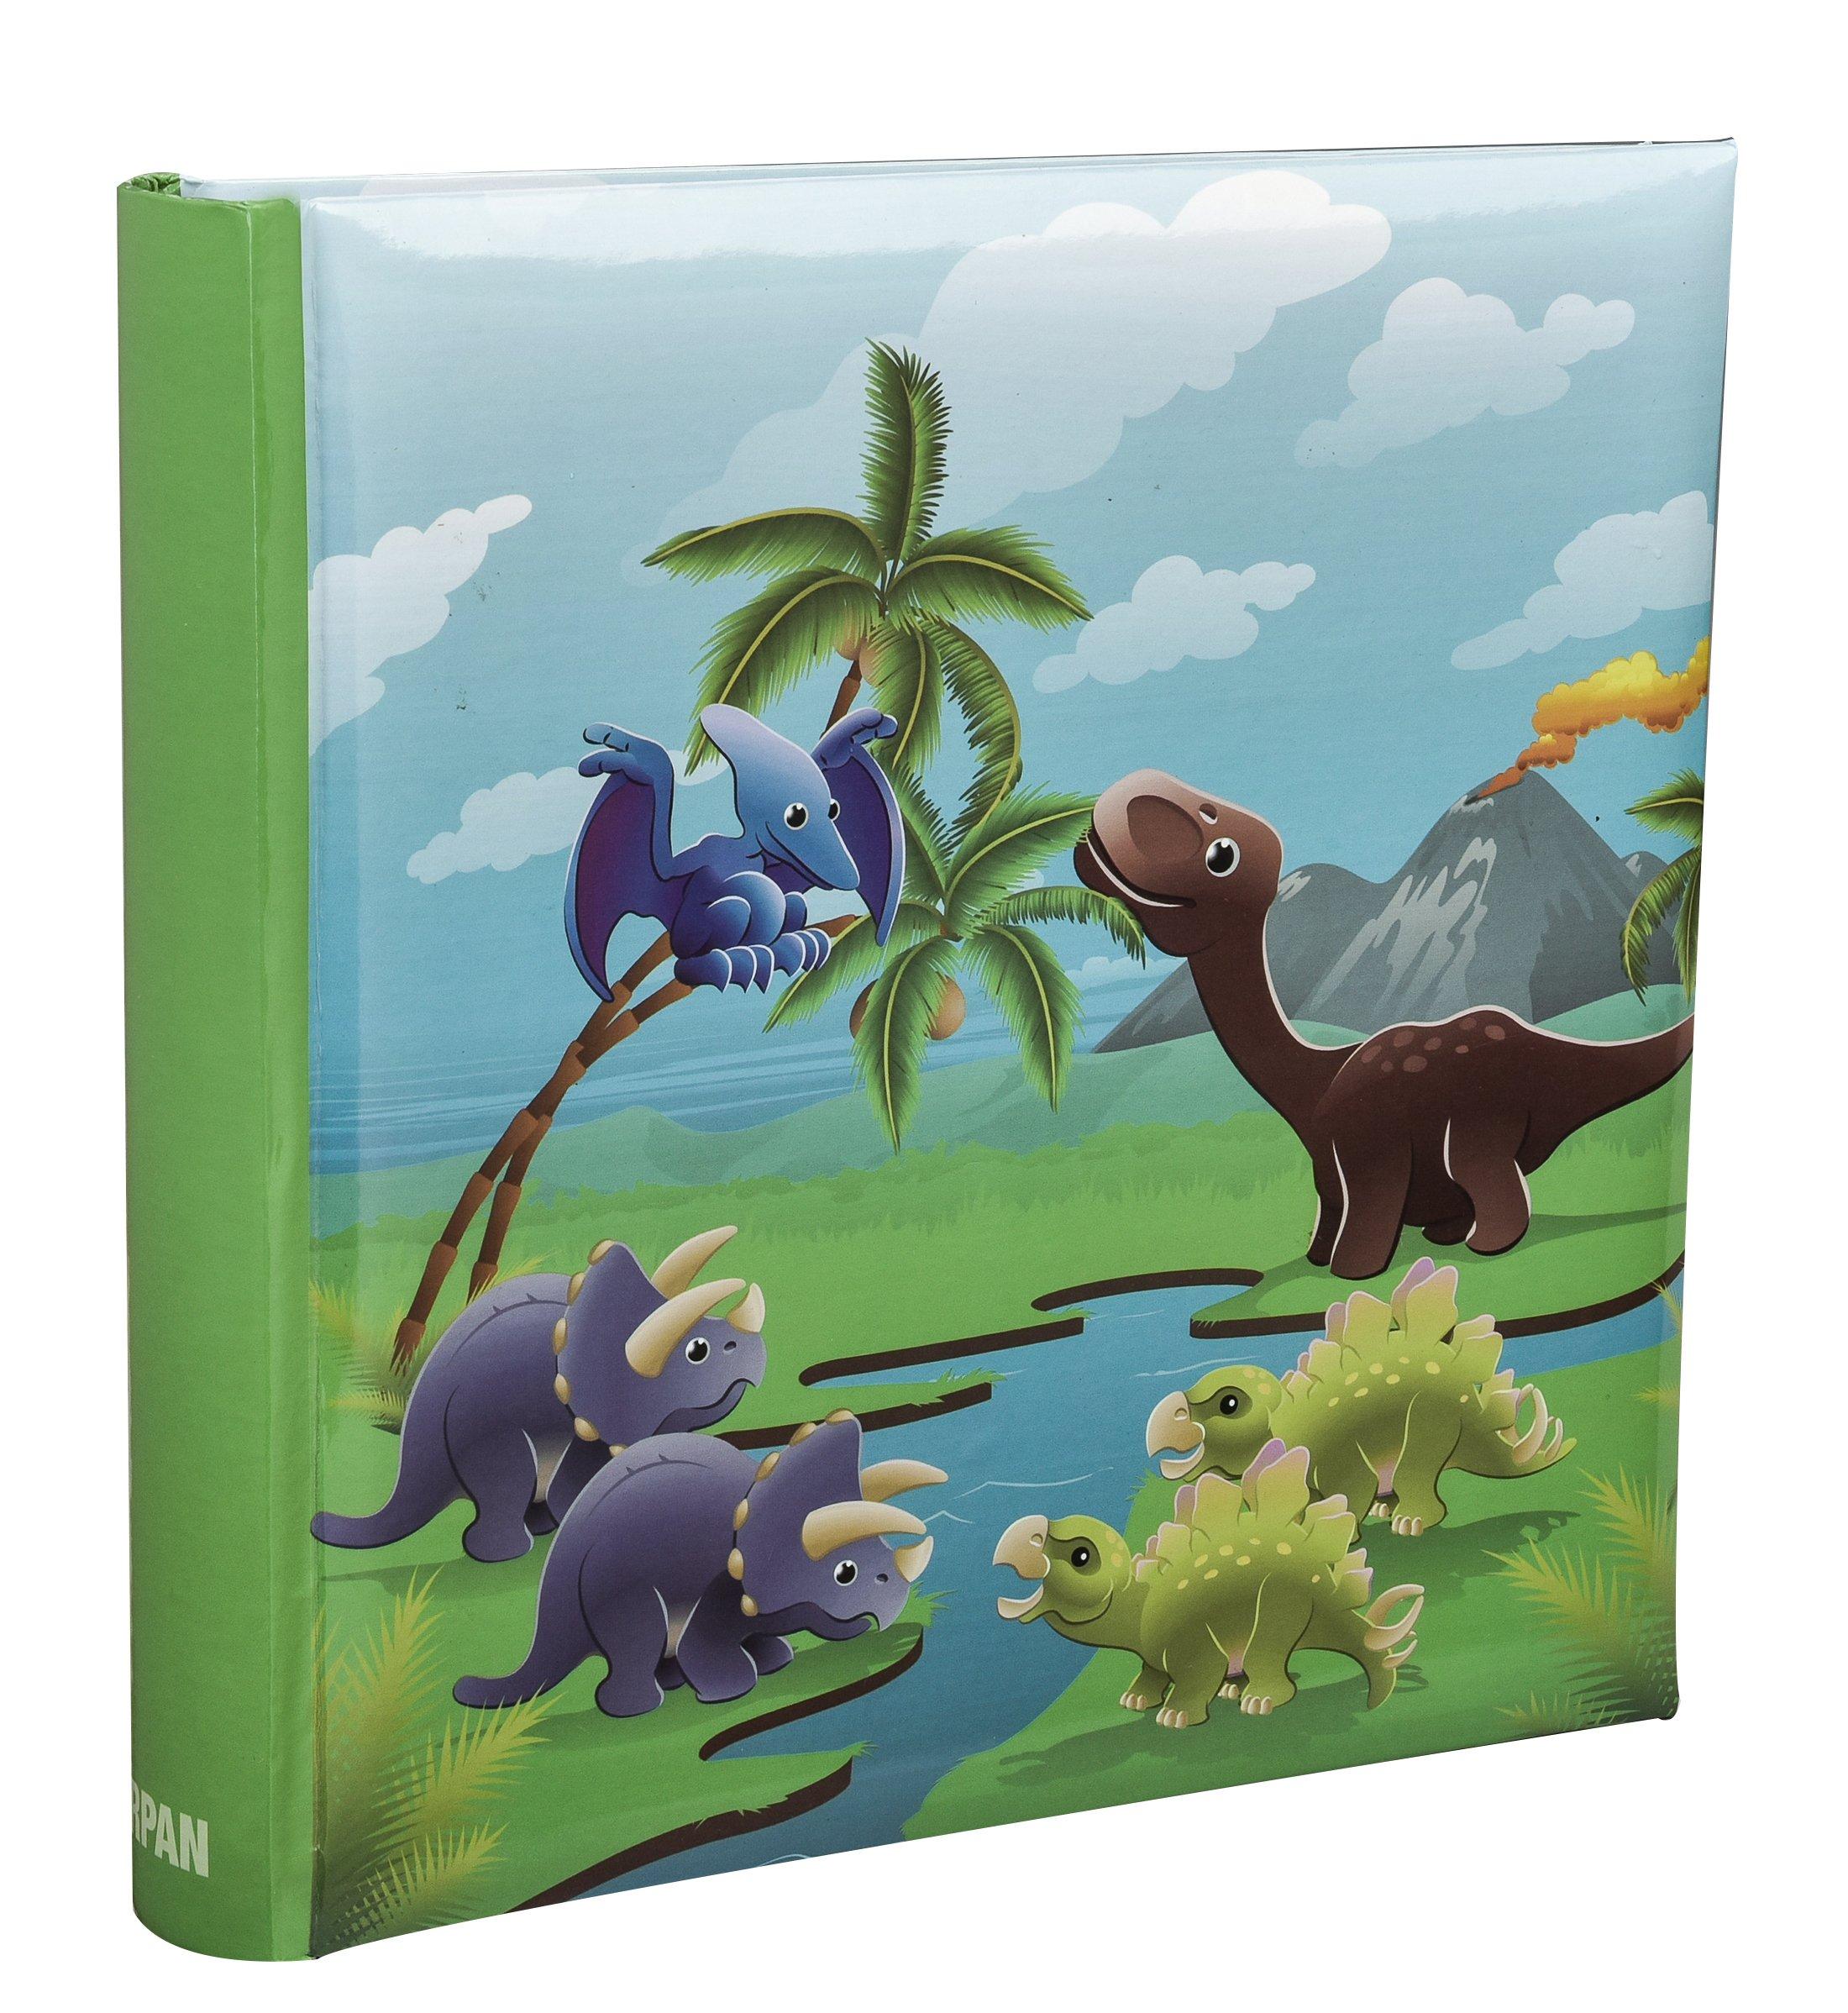 ARPAN 4 x 6'' Kids Cute Dinosaurs in Prehistoric Scene Slip In Memo Childrens Photo Album For 200 Photos